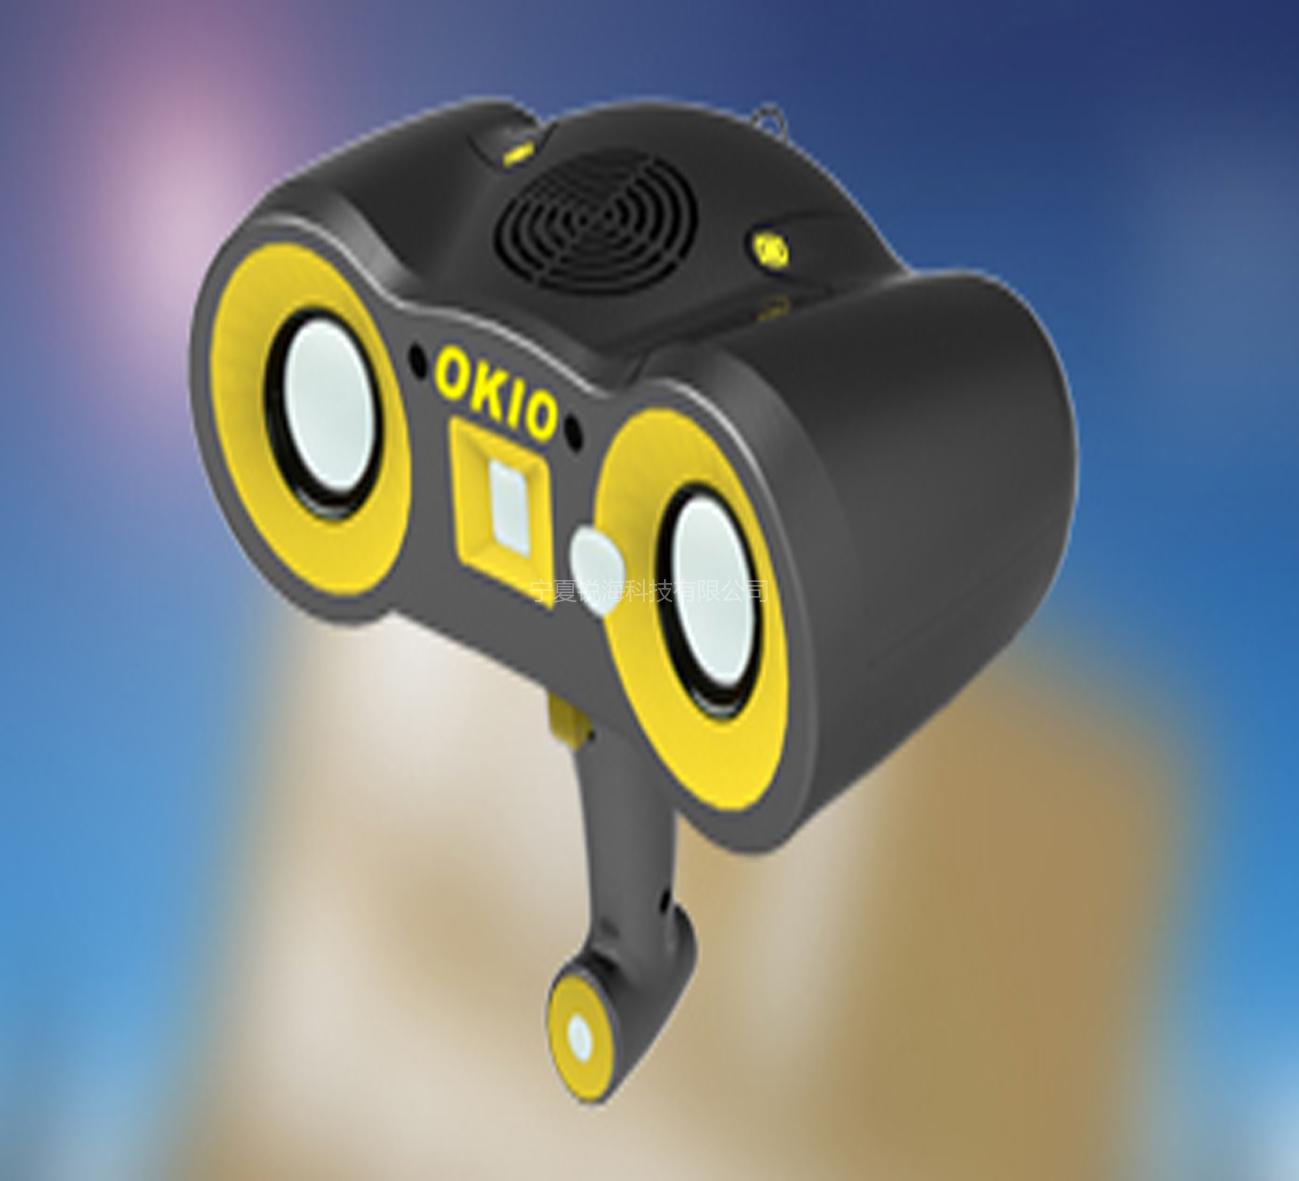 手持式三维激光扫描仪OKIO-FreeScan.jpg